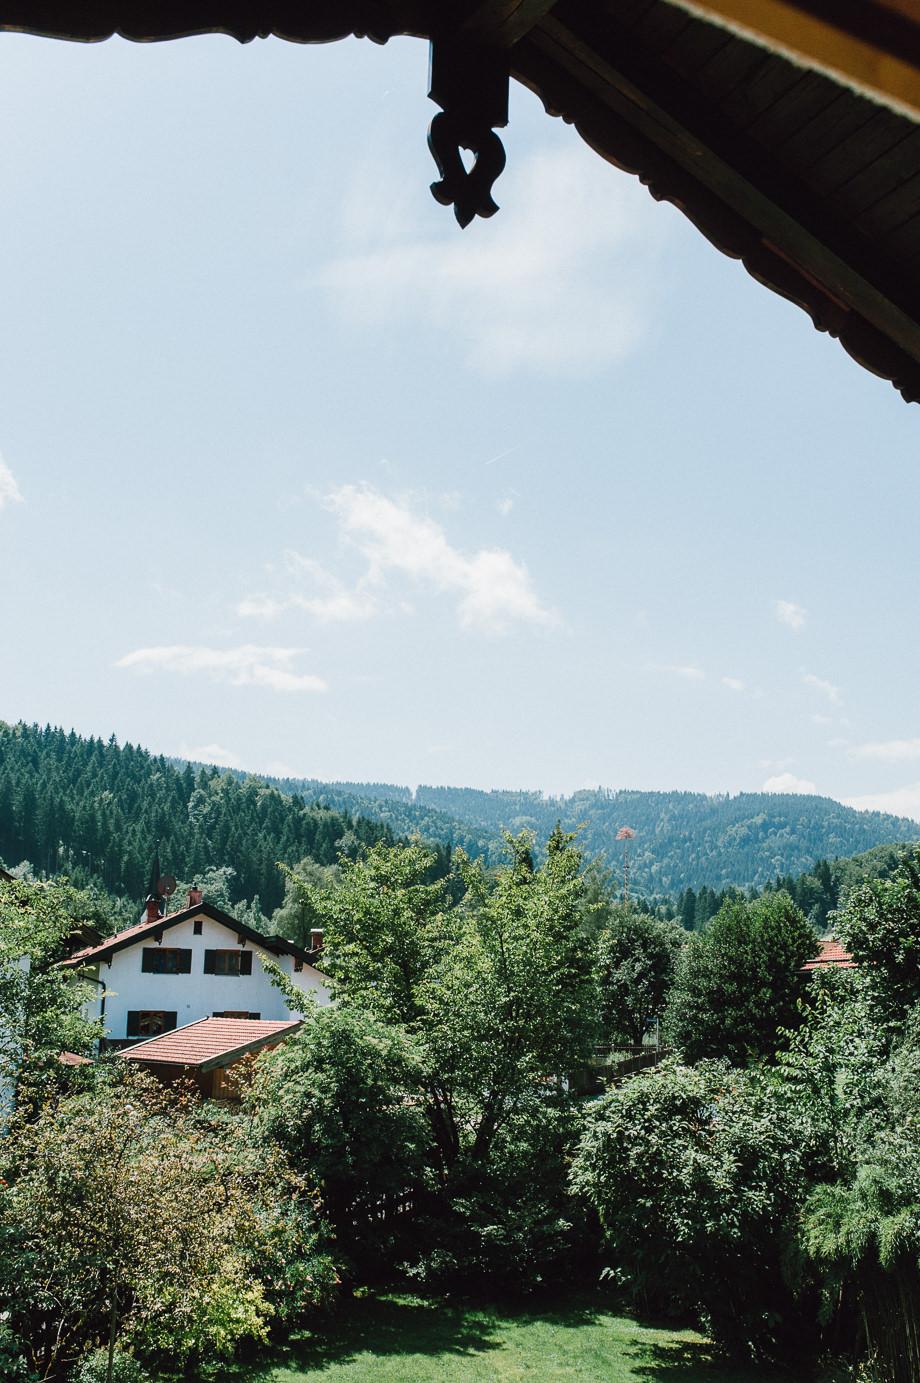 Hochzeit_Tegernsee_Lauraelenaphotography_Lake_Wedding_Freihaus_Brenner_Mountainwedding_Sommerhochzeit_NewYork_Seeblick_001